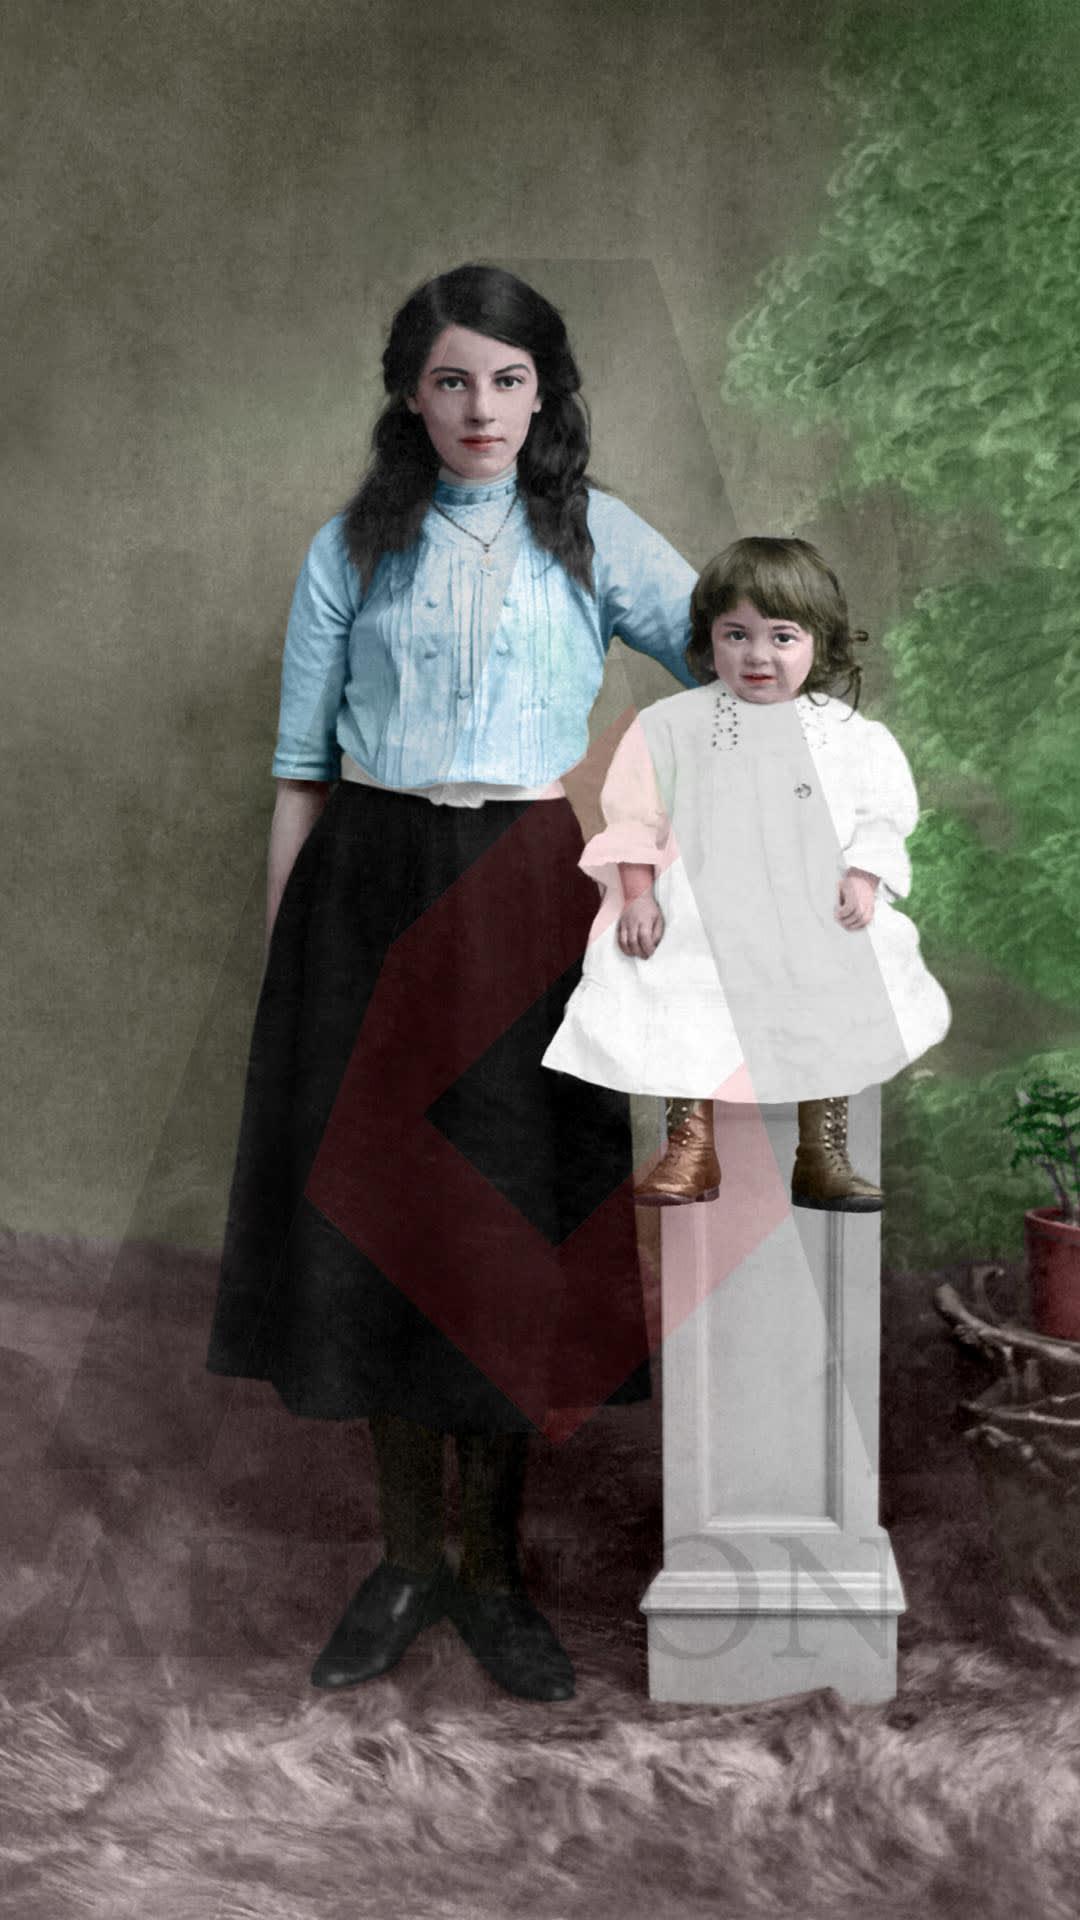 After-Image Restoration